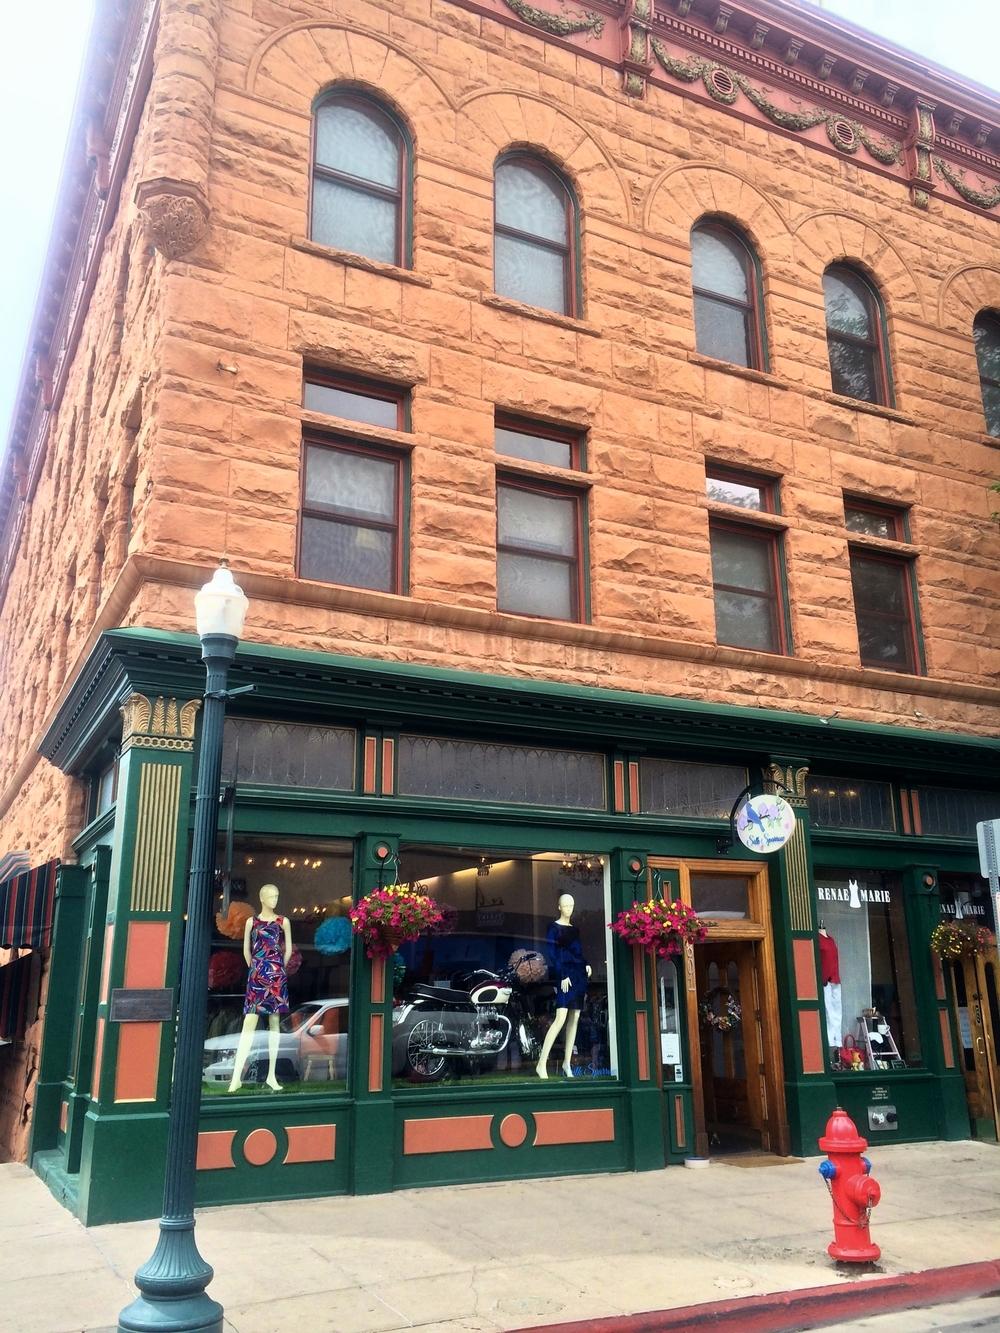 Pretty Durango Shops on Main St